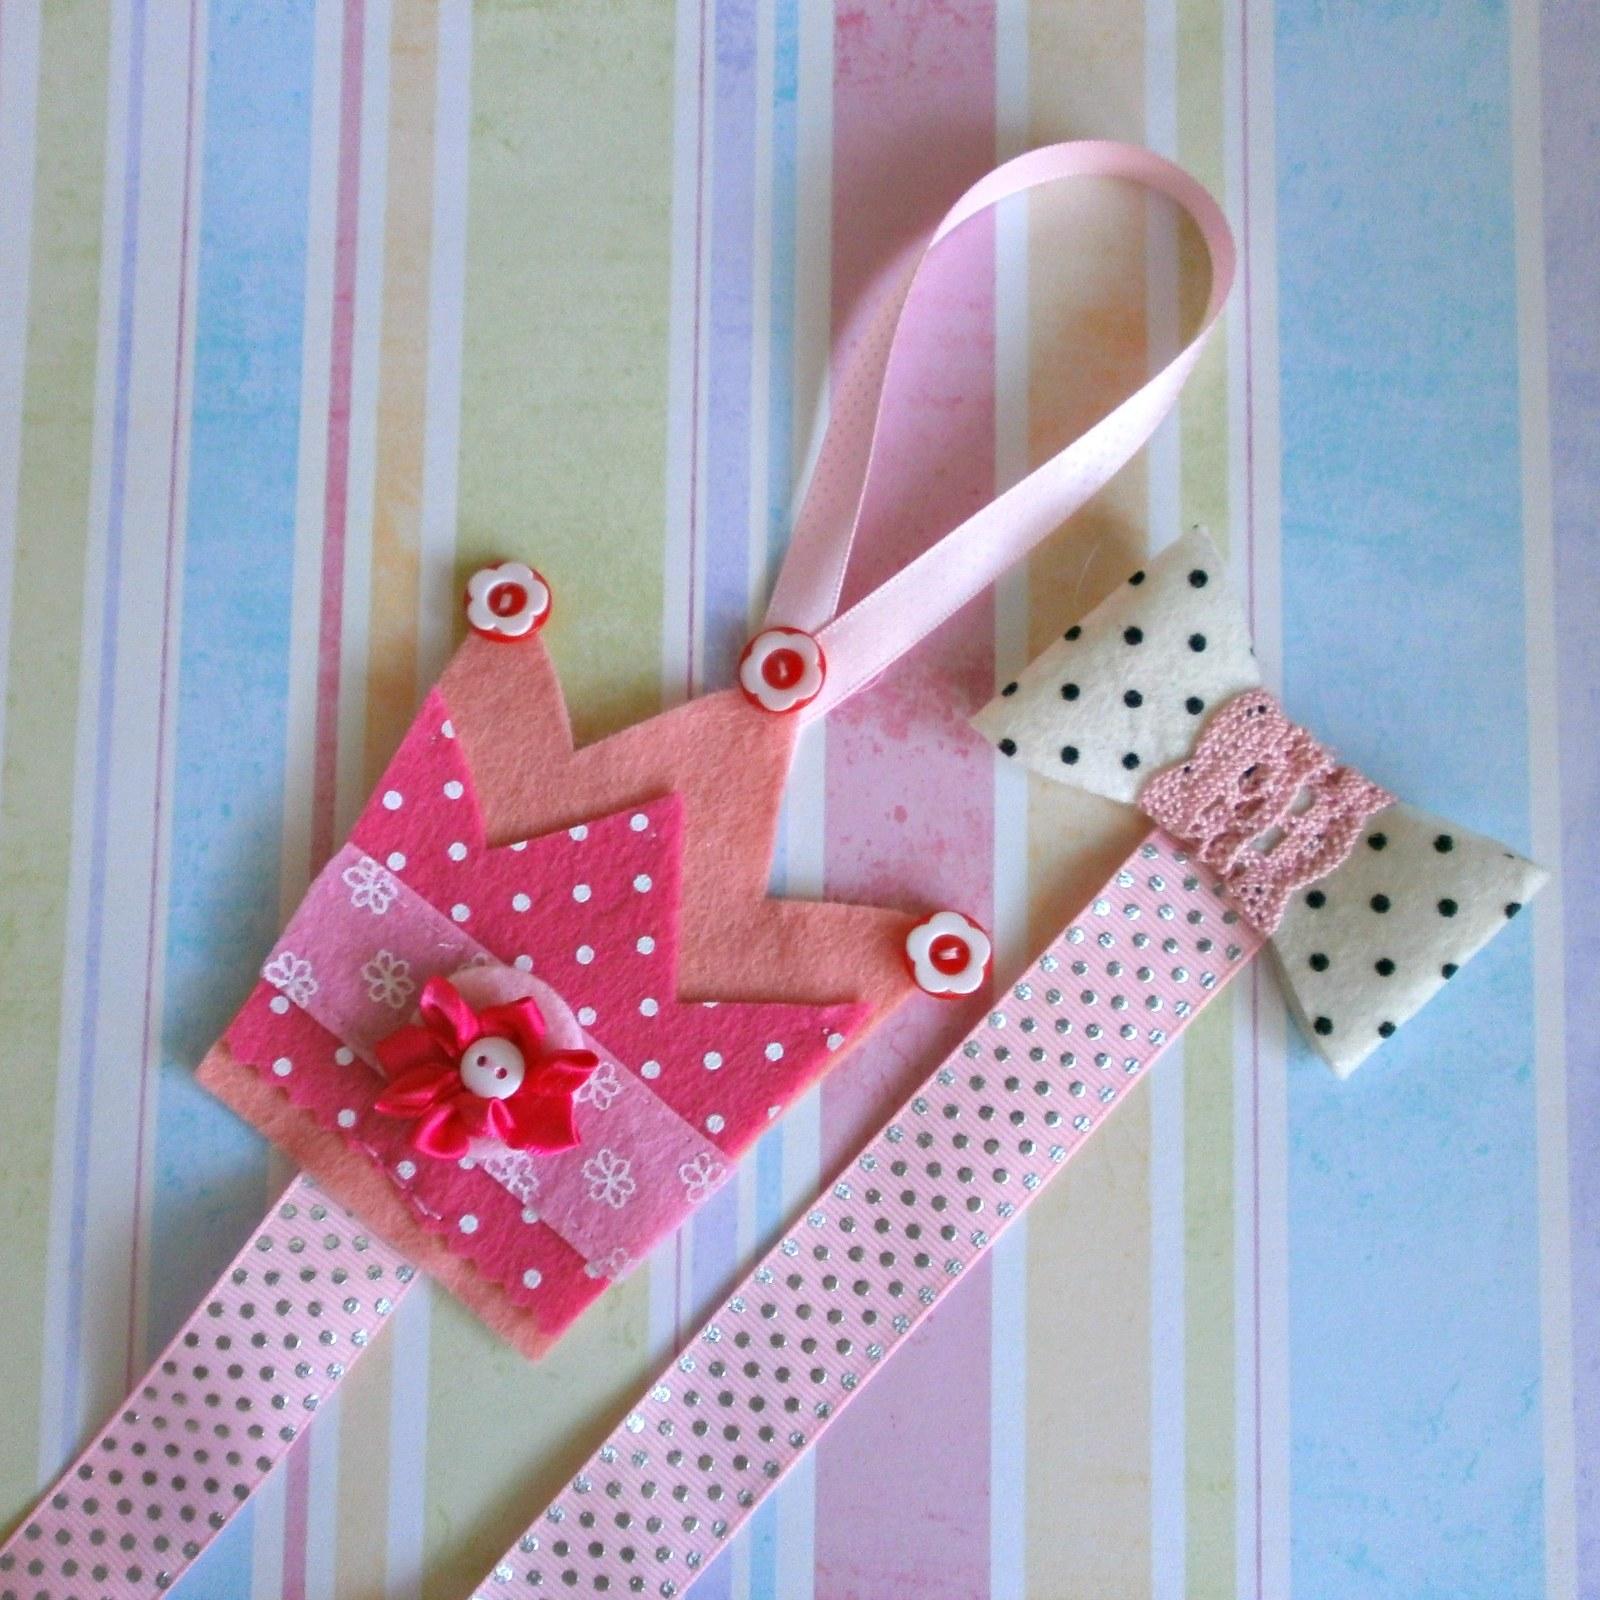 Sponkovník pro malé princezny   Zboží prodejce Luci Art decor  7f16b279a8